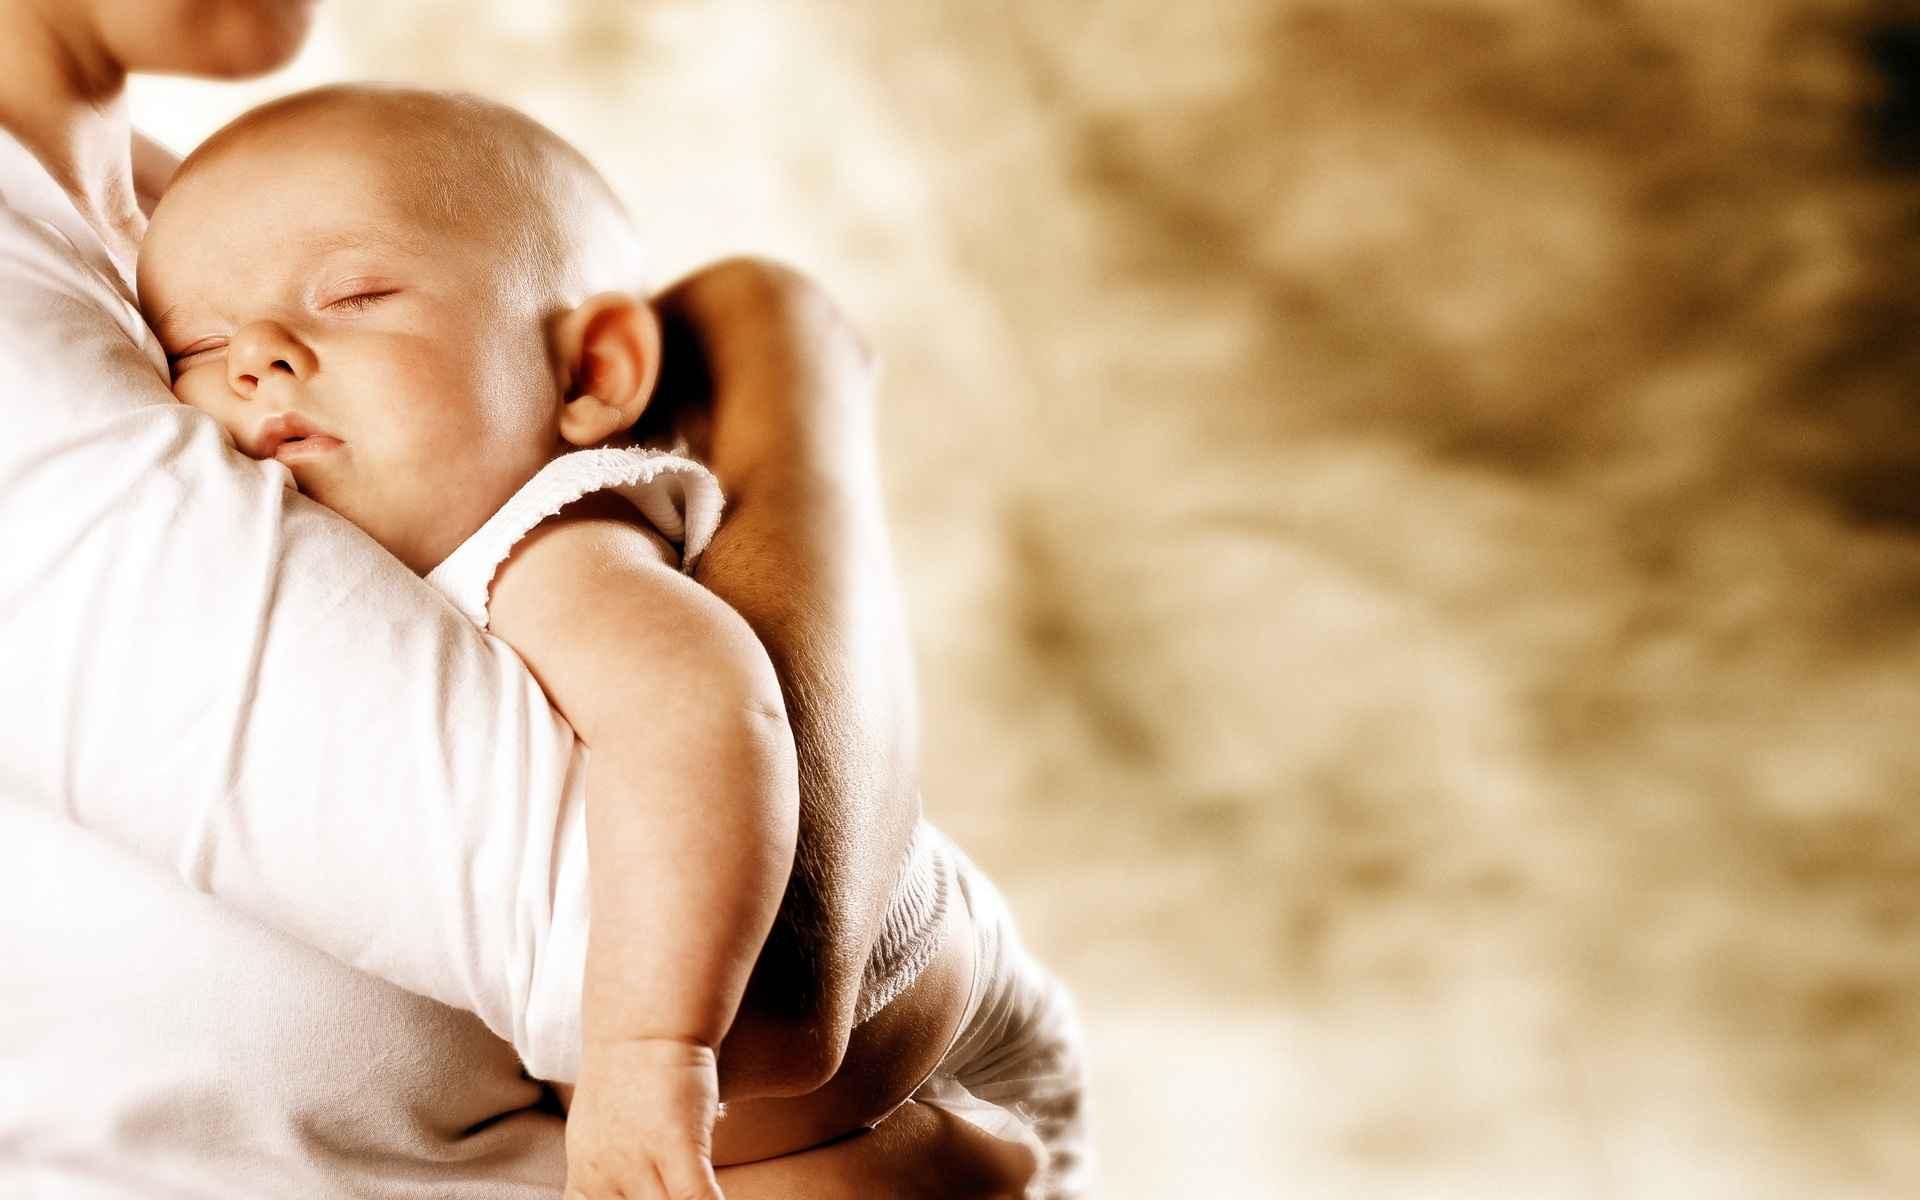 Baby Wallpaper 040